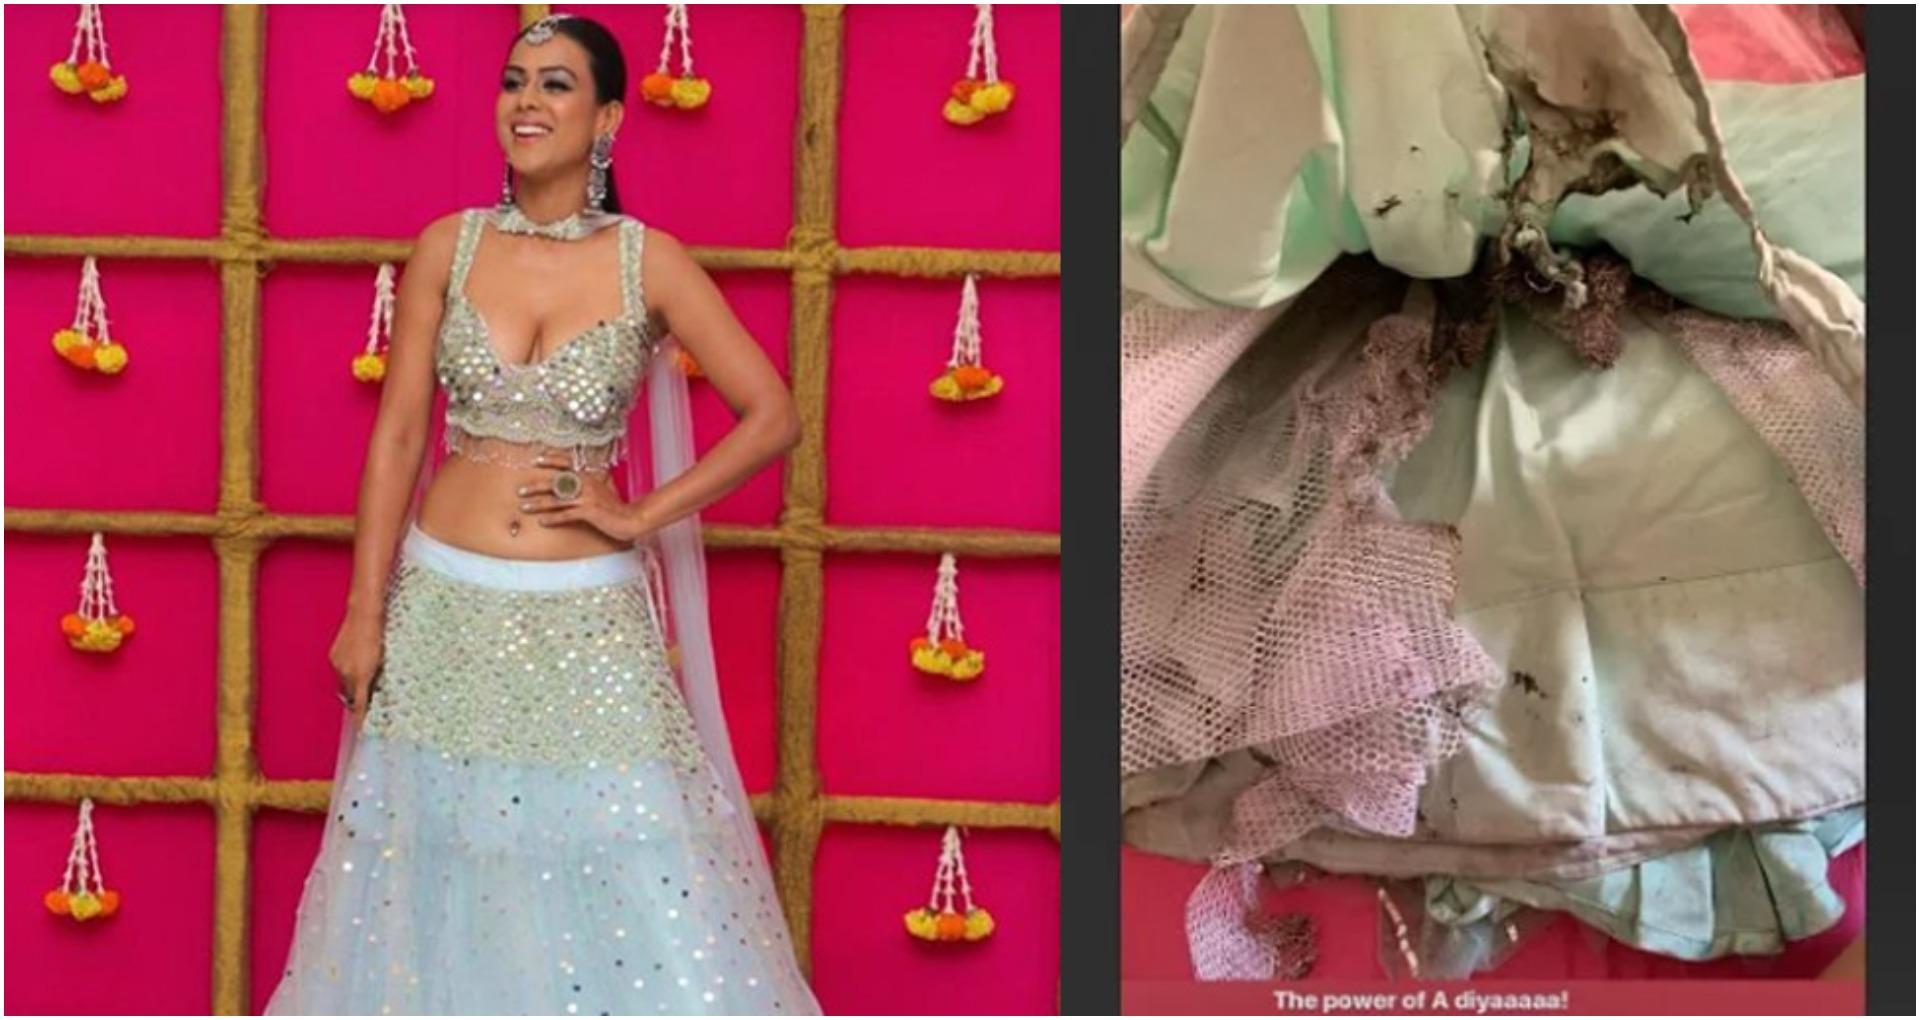 Trending News: टीवी अभिनेत्री निया शर्मा के कपड़ों में आग, मन रही थीं शुभ दीपावली, पढ़ें टीवी की टॉप 5 न्यूज़